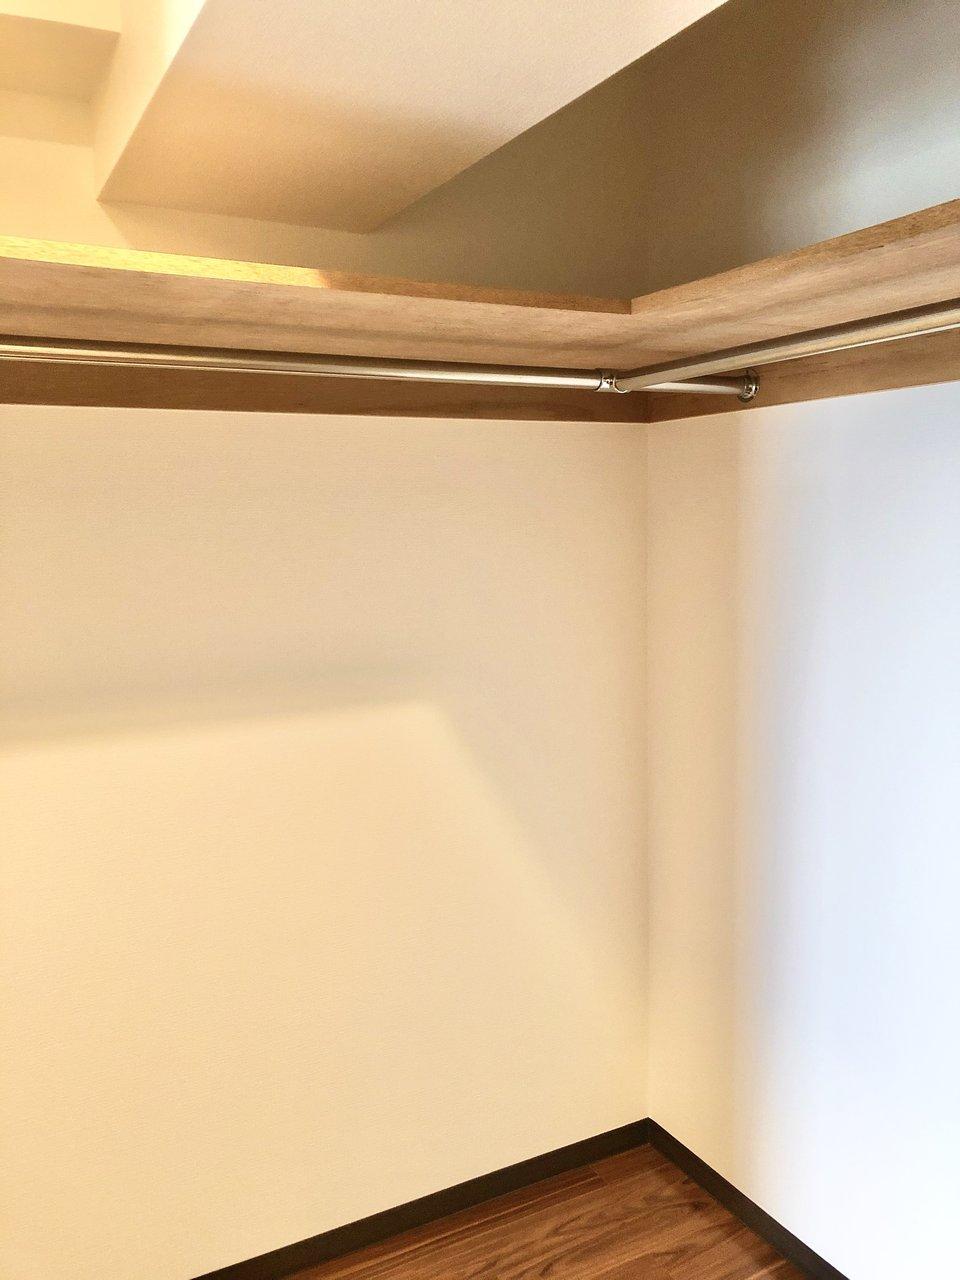 洋室には大きなウォークインクローゼットも完備。二人分の荷物なら余裕で収納できそうです。